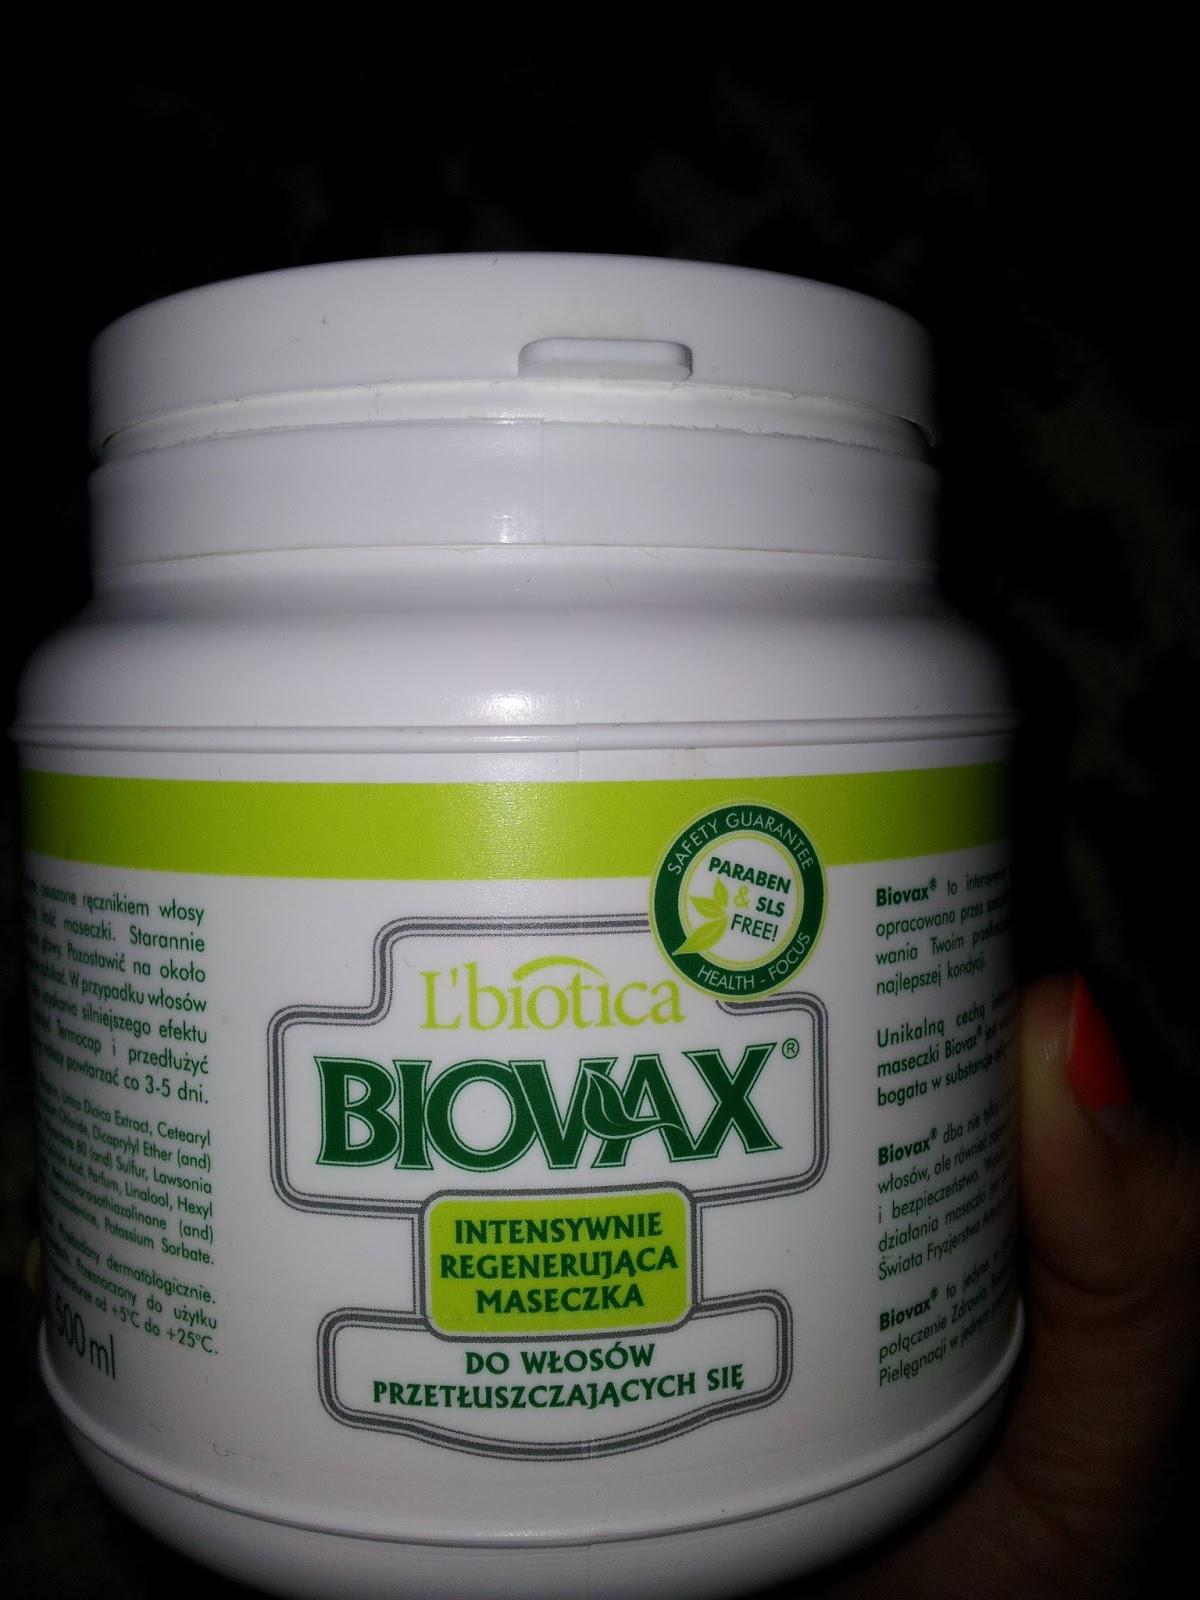 L'biotica BIOVAX Intensywnie regenerująca maseczka do włosów przetłuszczających się